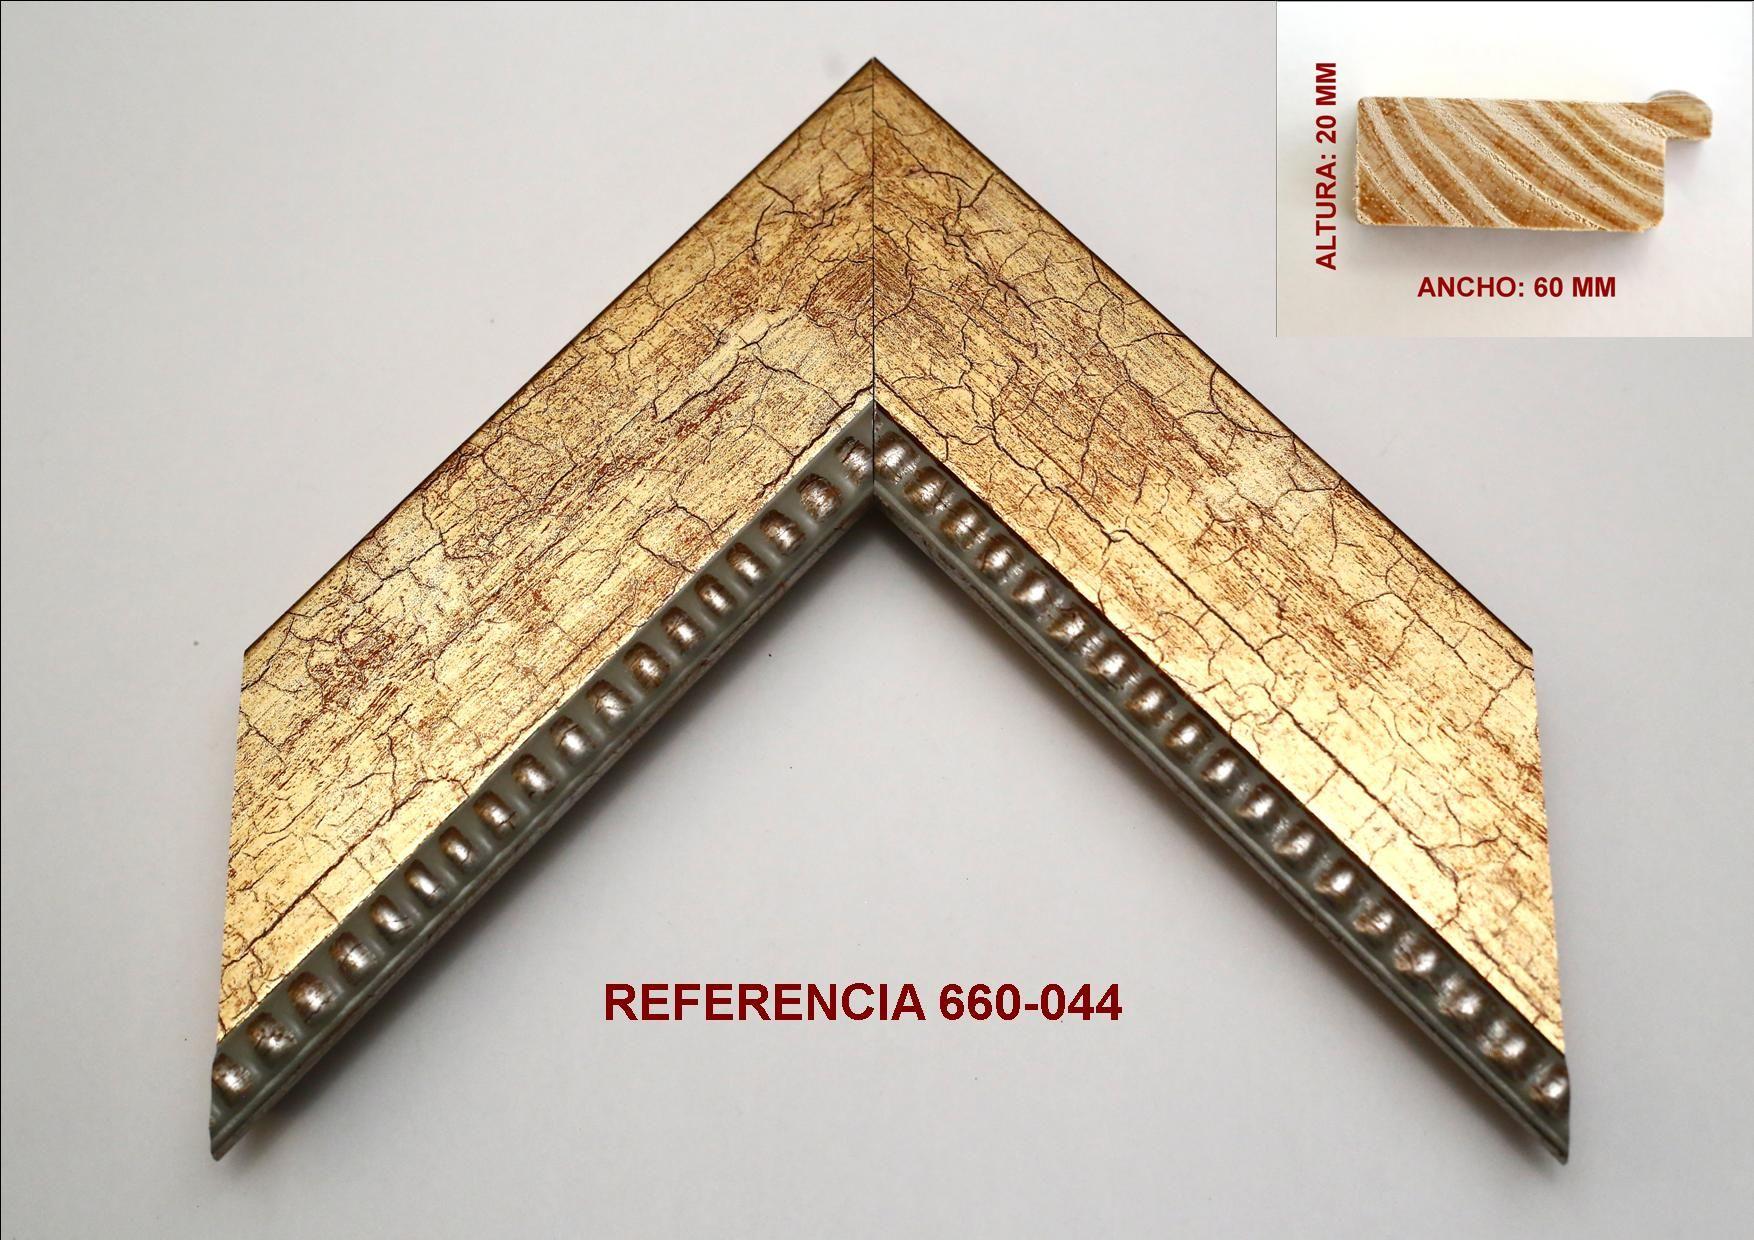 Referencia 660-044: Muestrario de Moldusevilla